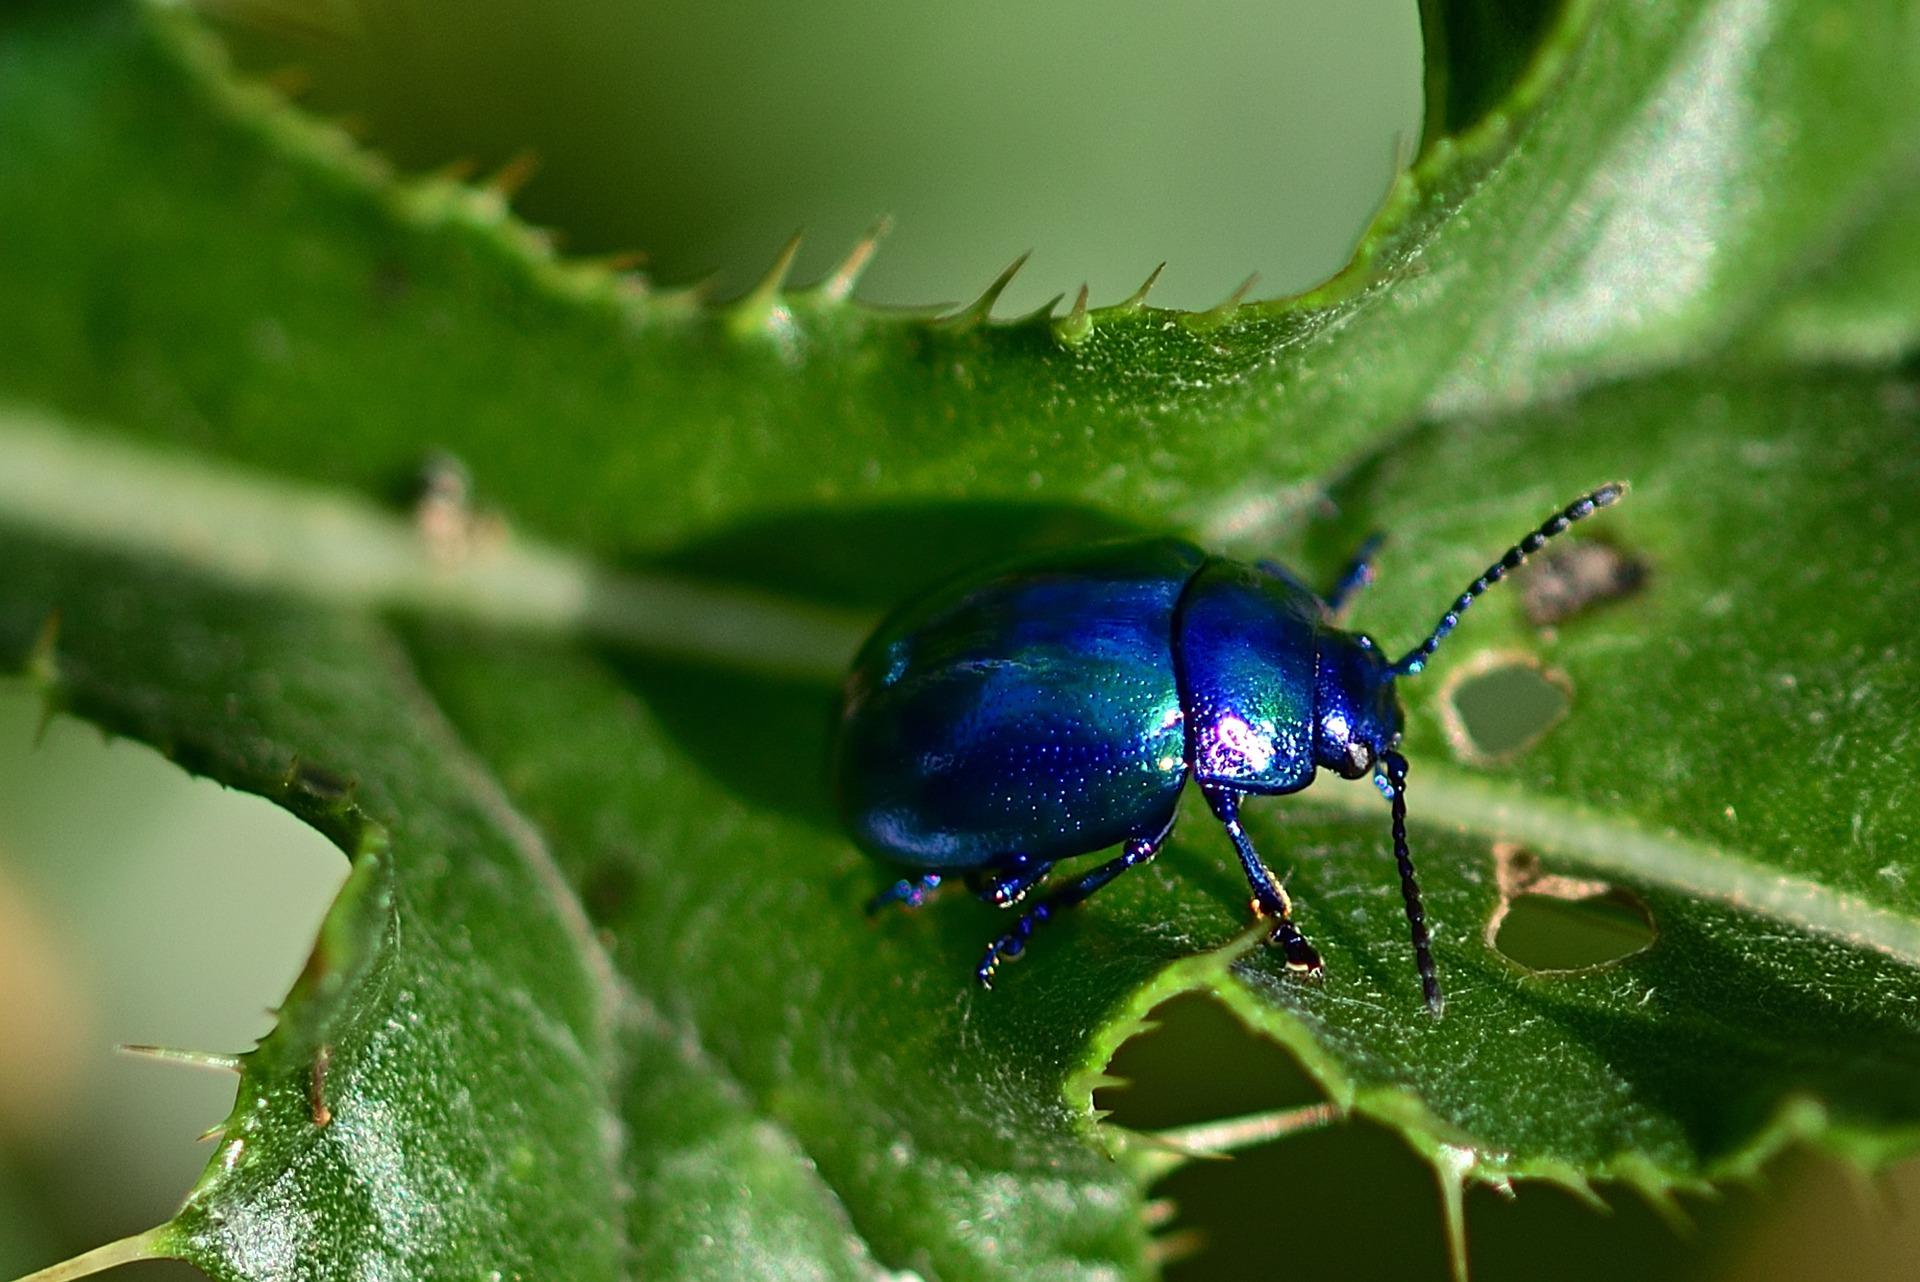 beetle-4401814_1920